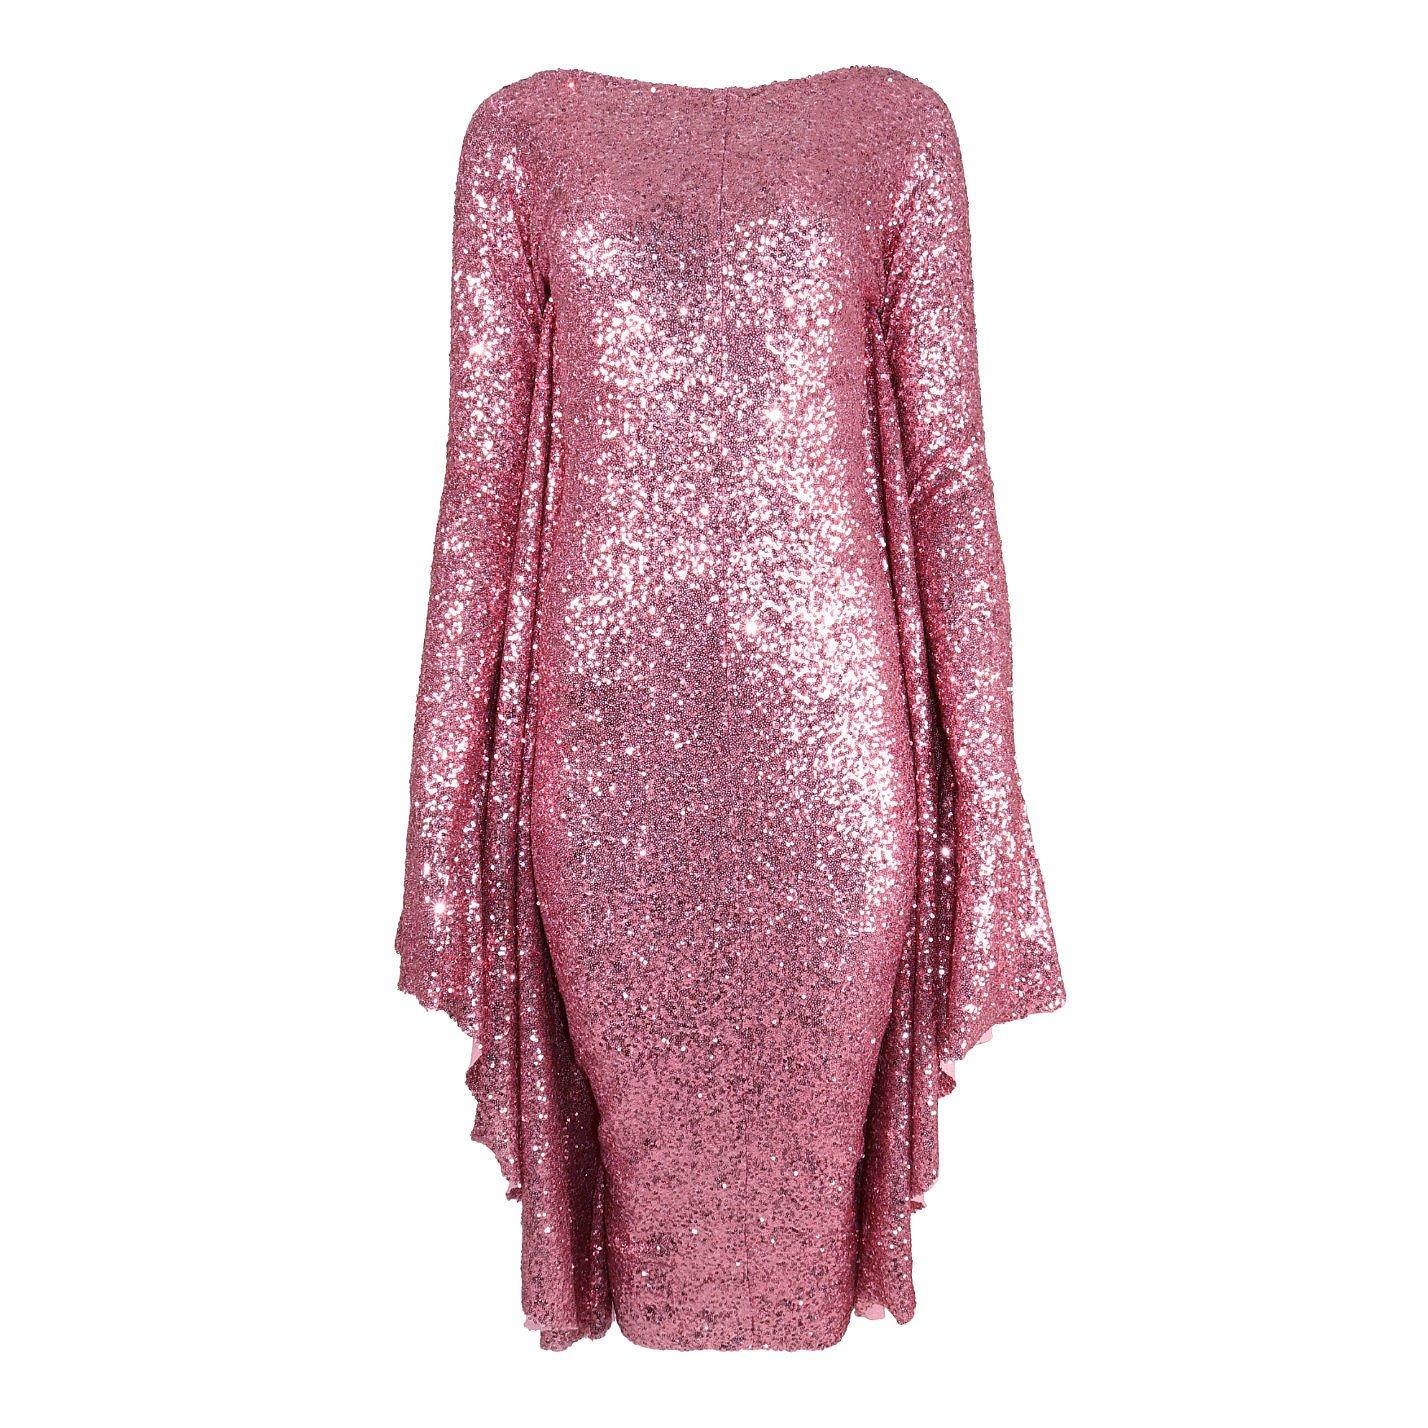 Paula Knorr Relief Sequin Dress